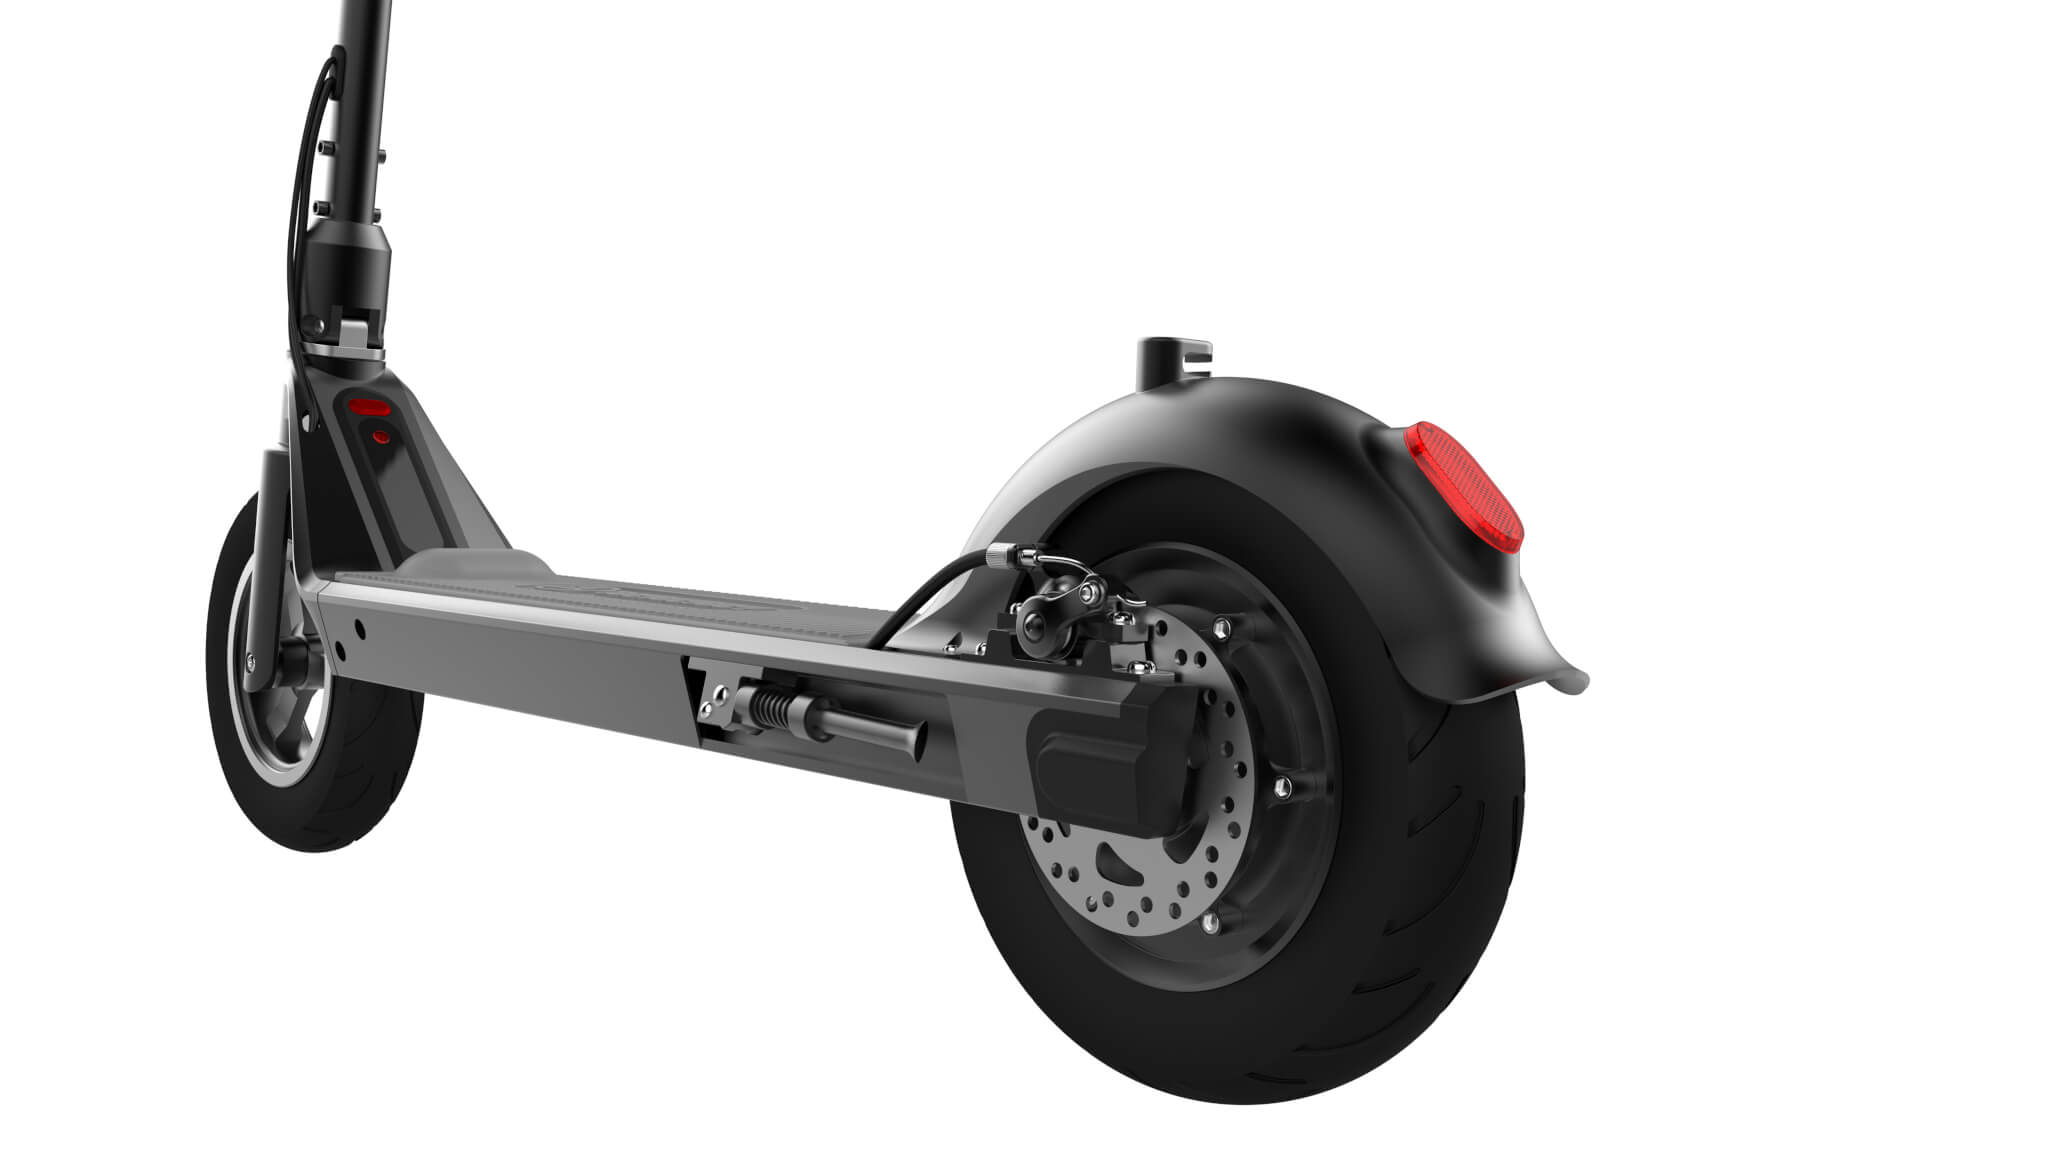 Trottinette électrique : pourquoi ne pas rouler à pleine vitesse ?